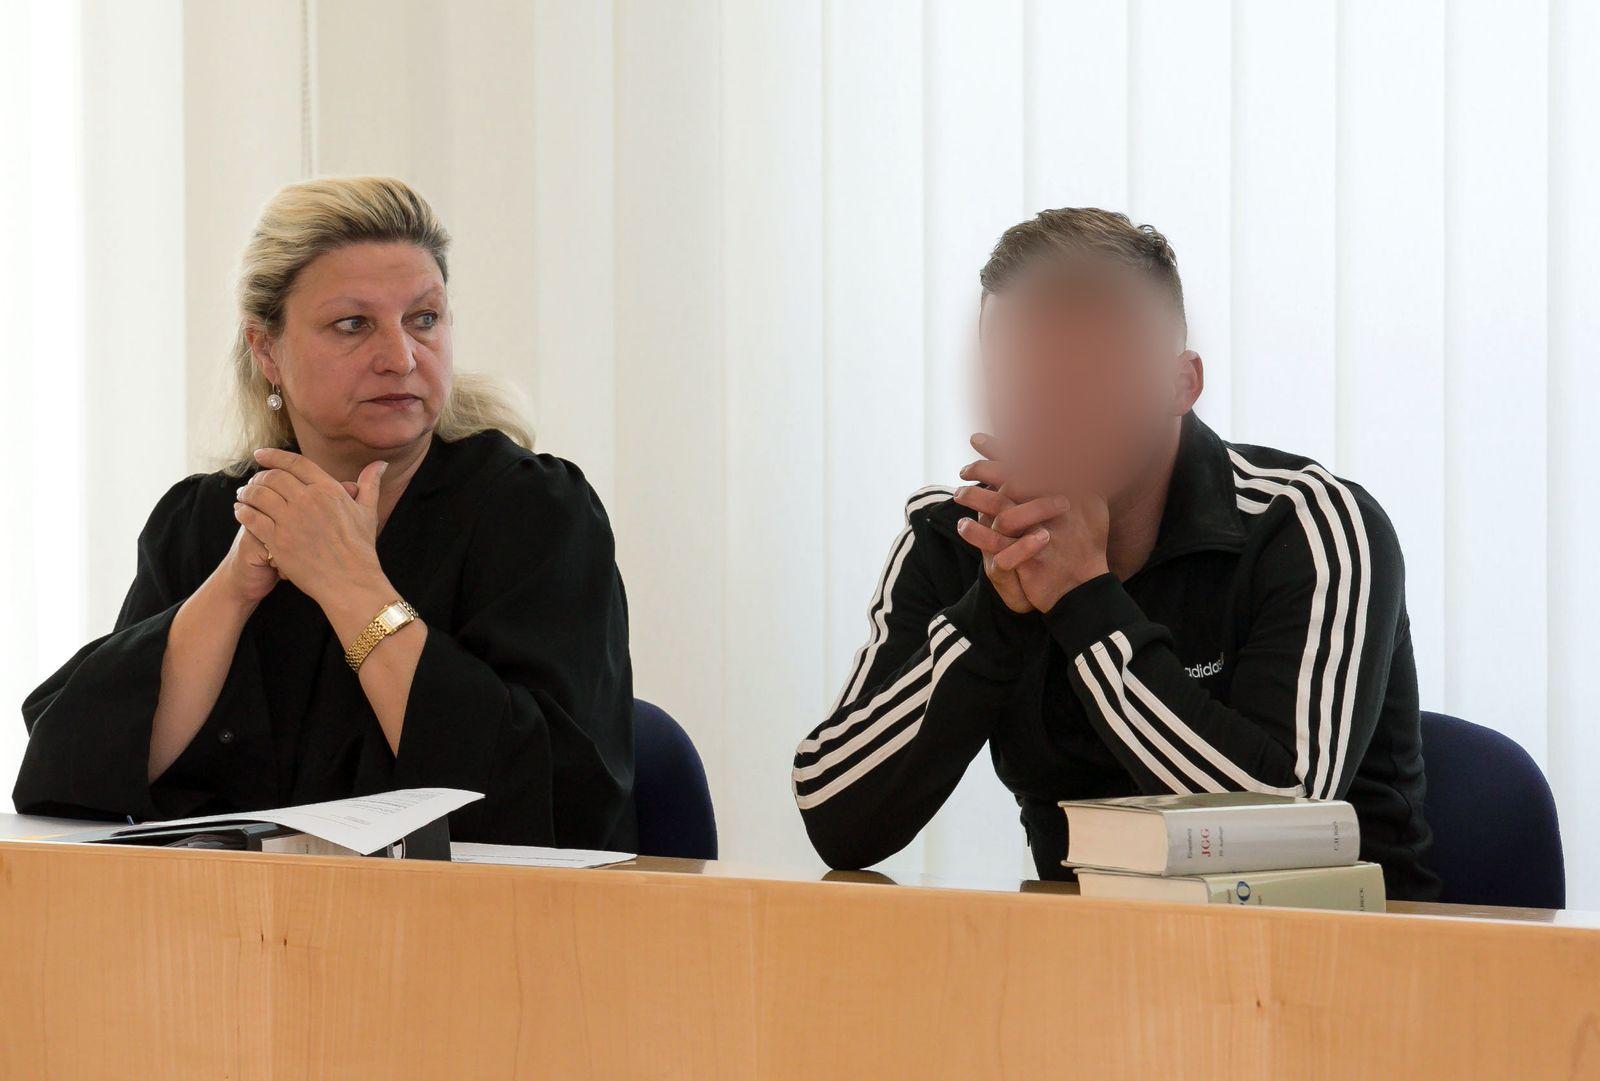 Prozess/ Schläger/ Bad Schandau